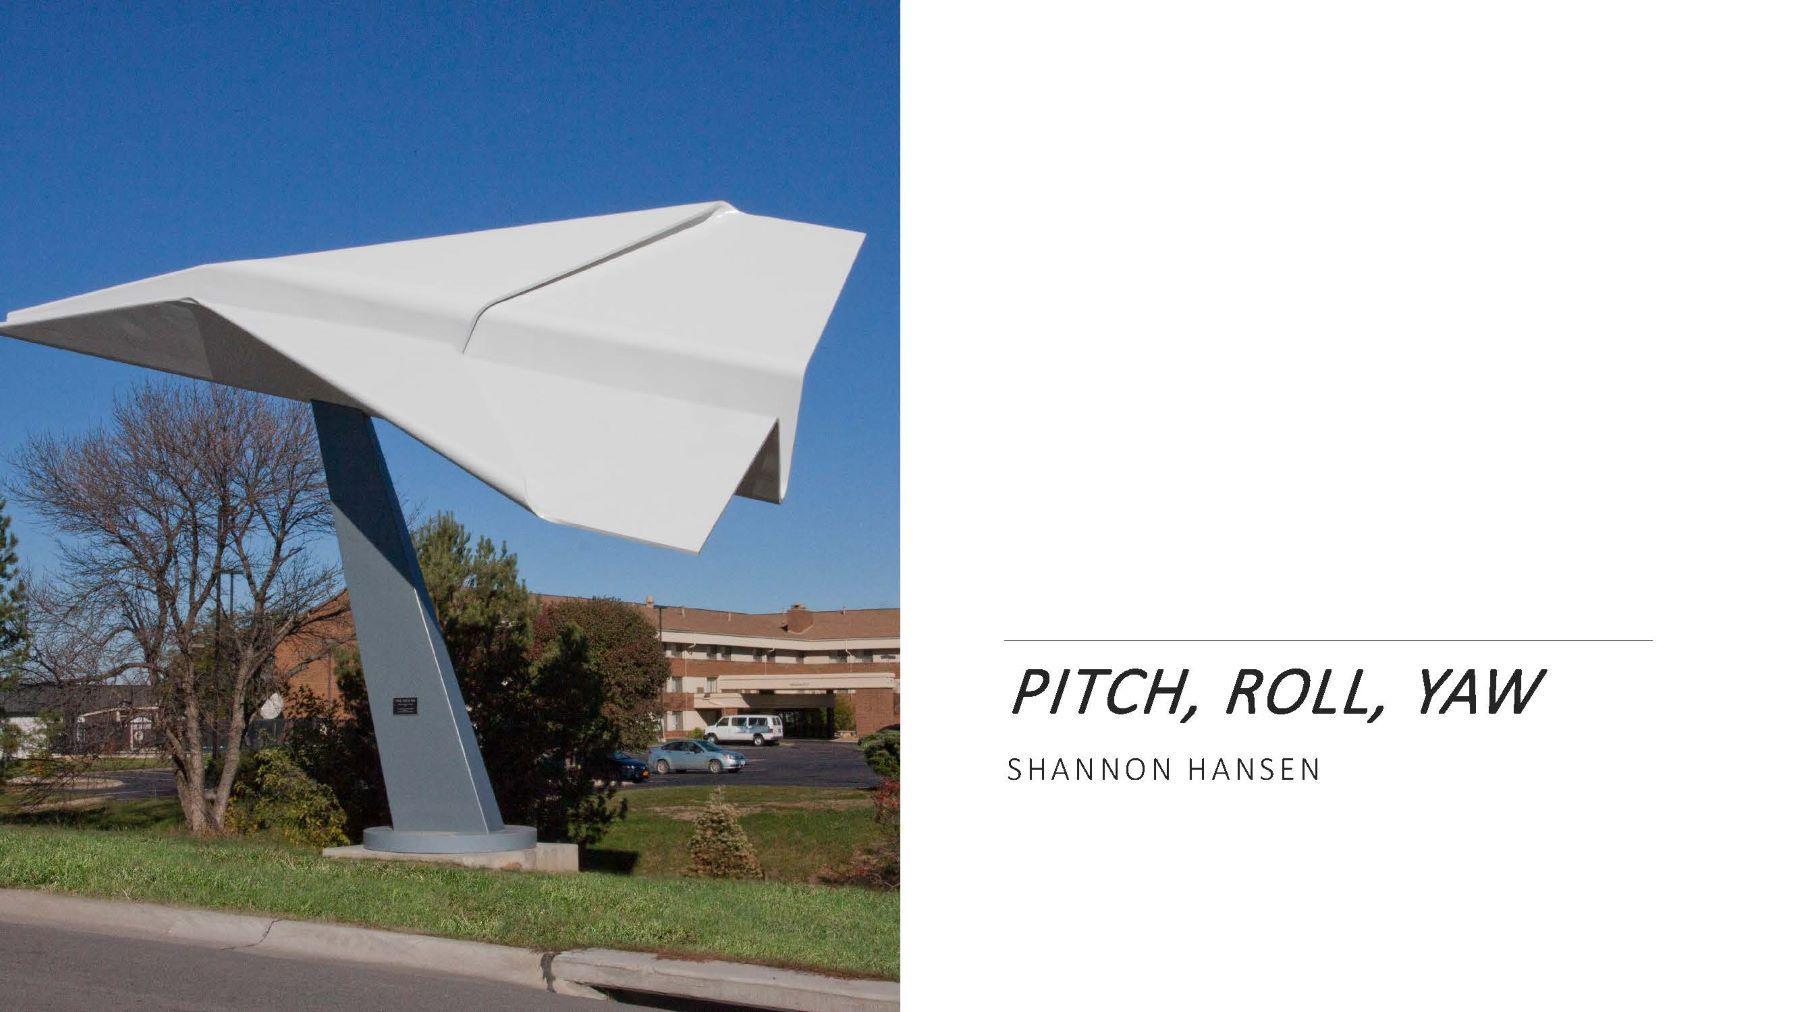 Pitch, Roll, Yaw / Shannon Hansen